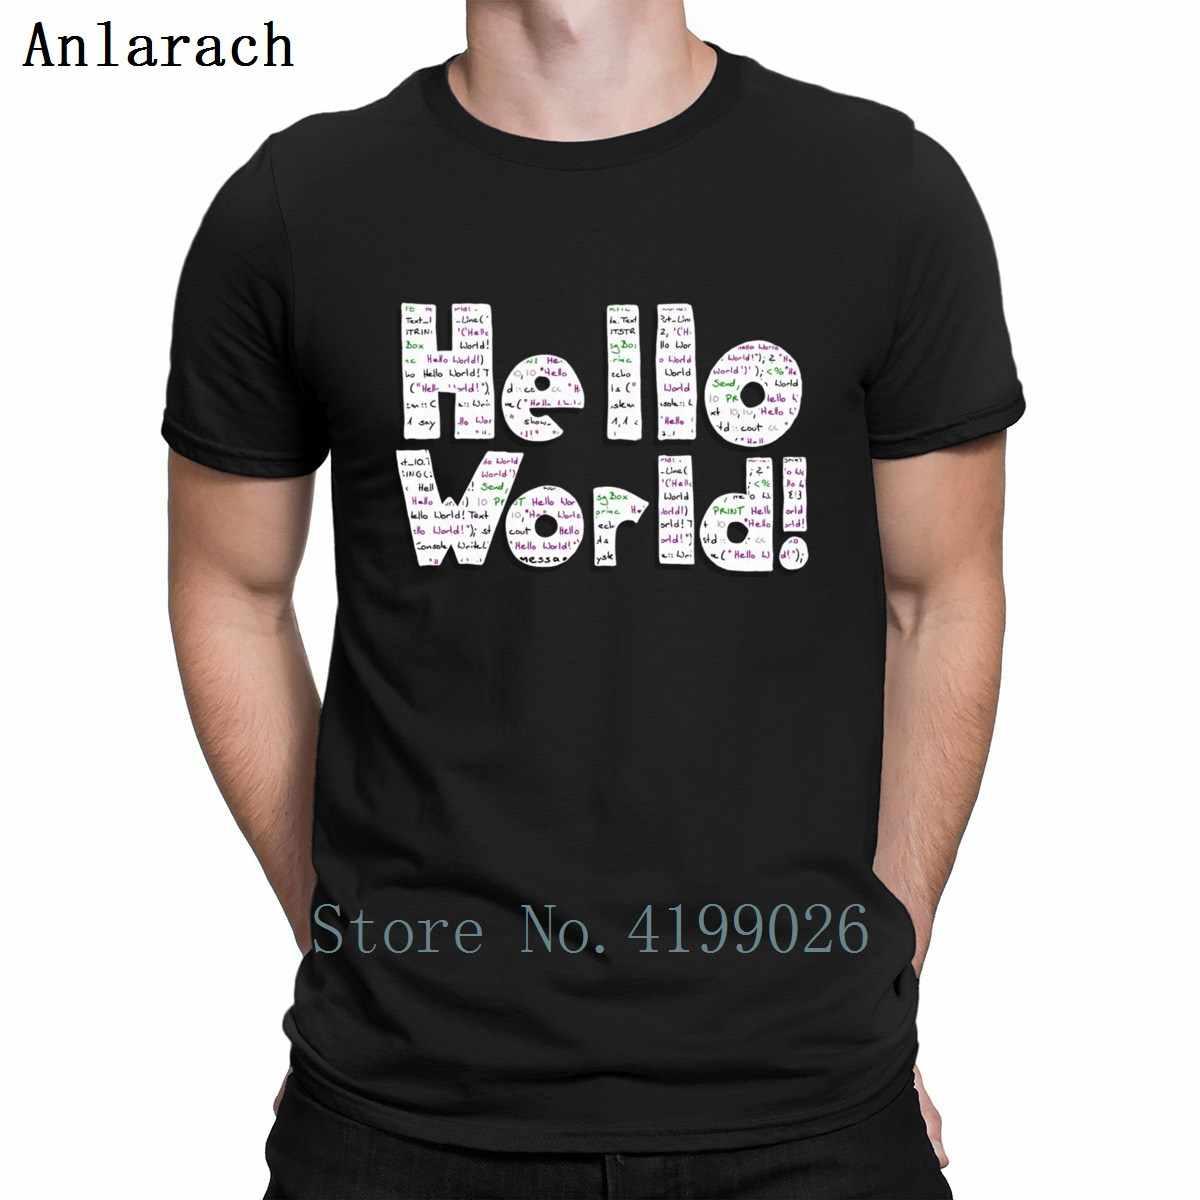 Imprimer bonjour monde t-shirt bâtiment conception Tee haut Java programmeur ordinateur bonjour monde Code Linux Geek t-shirt modèle